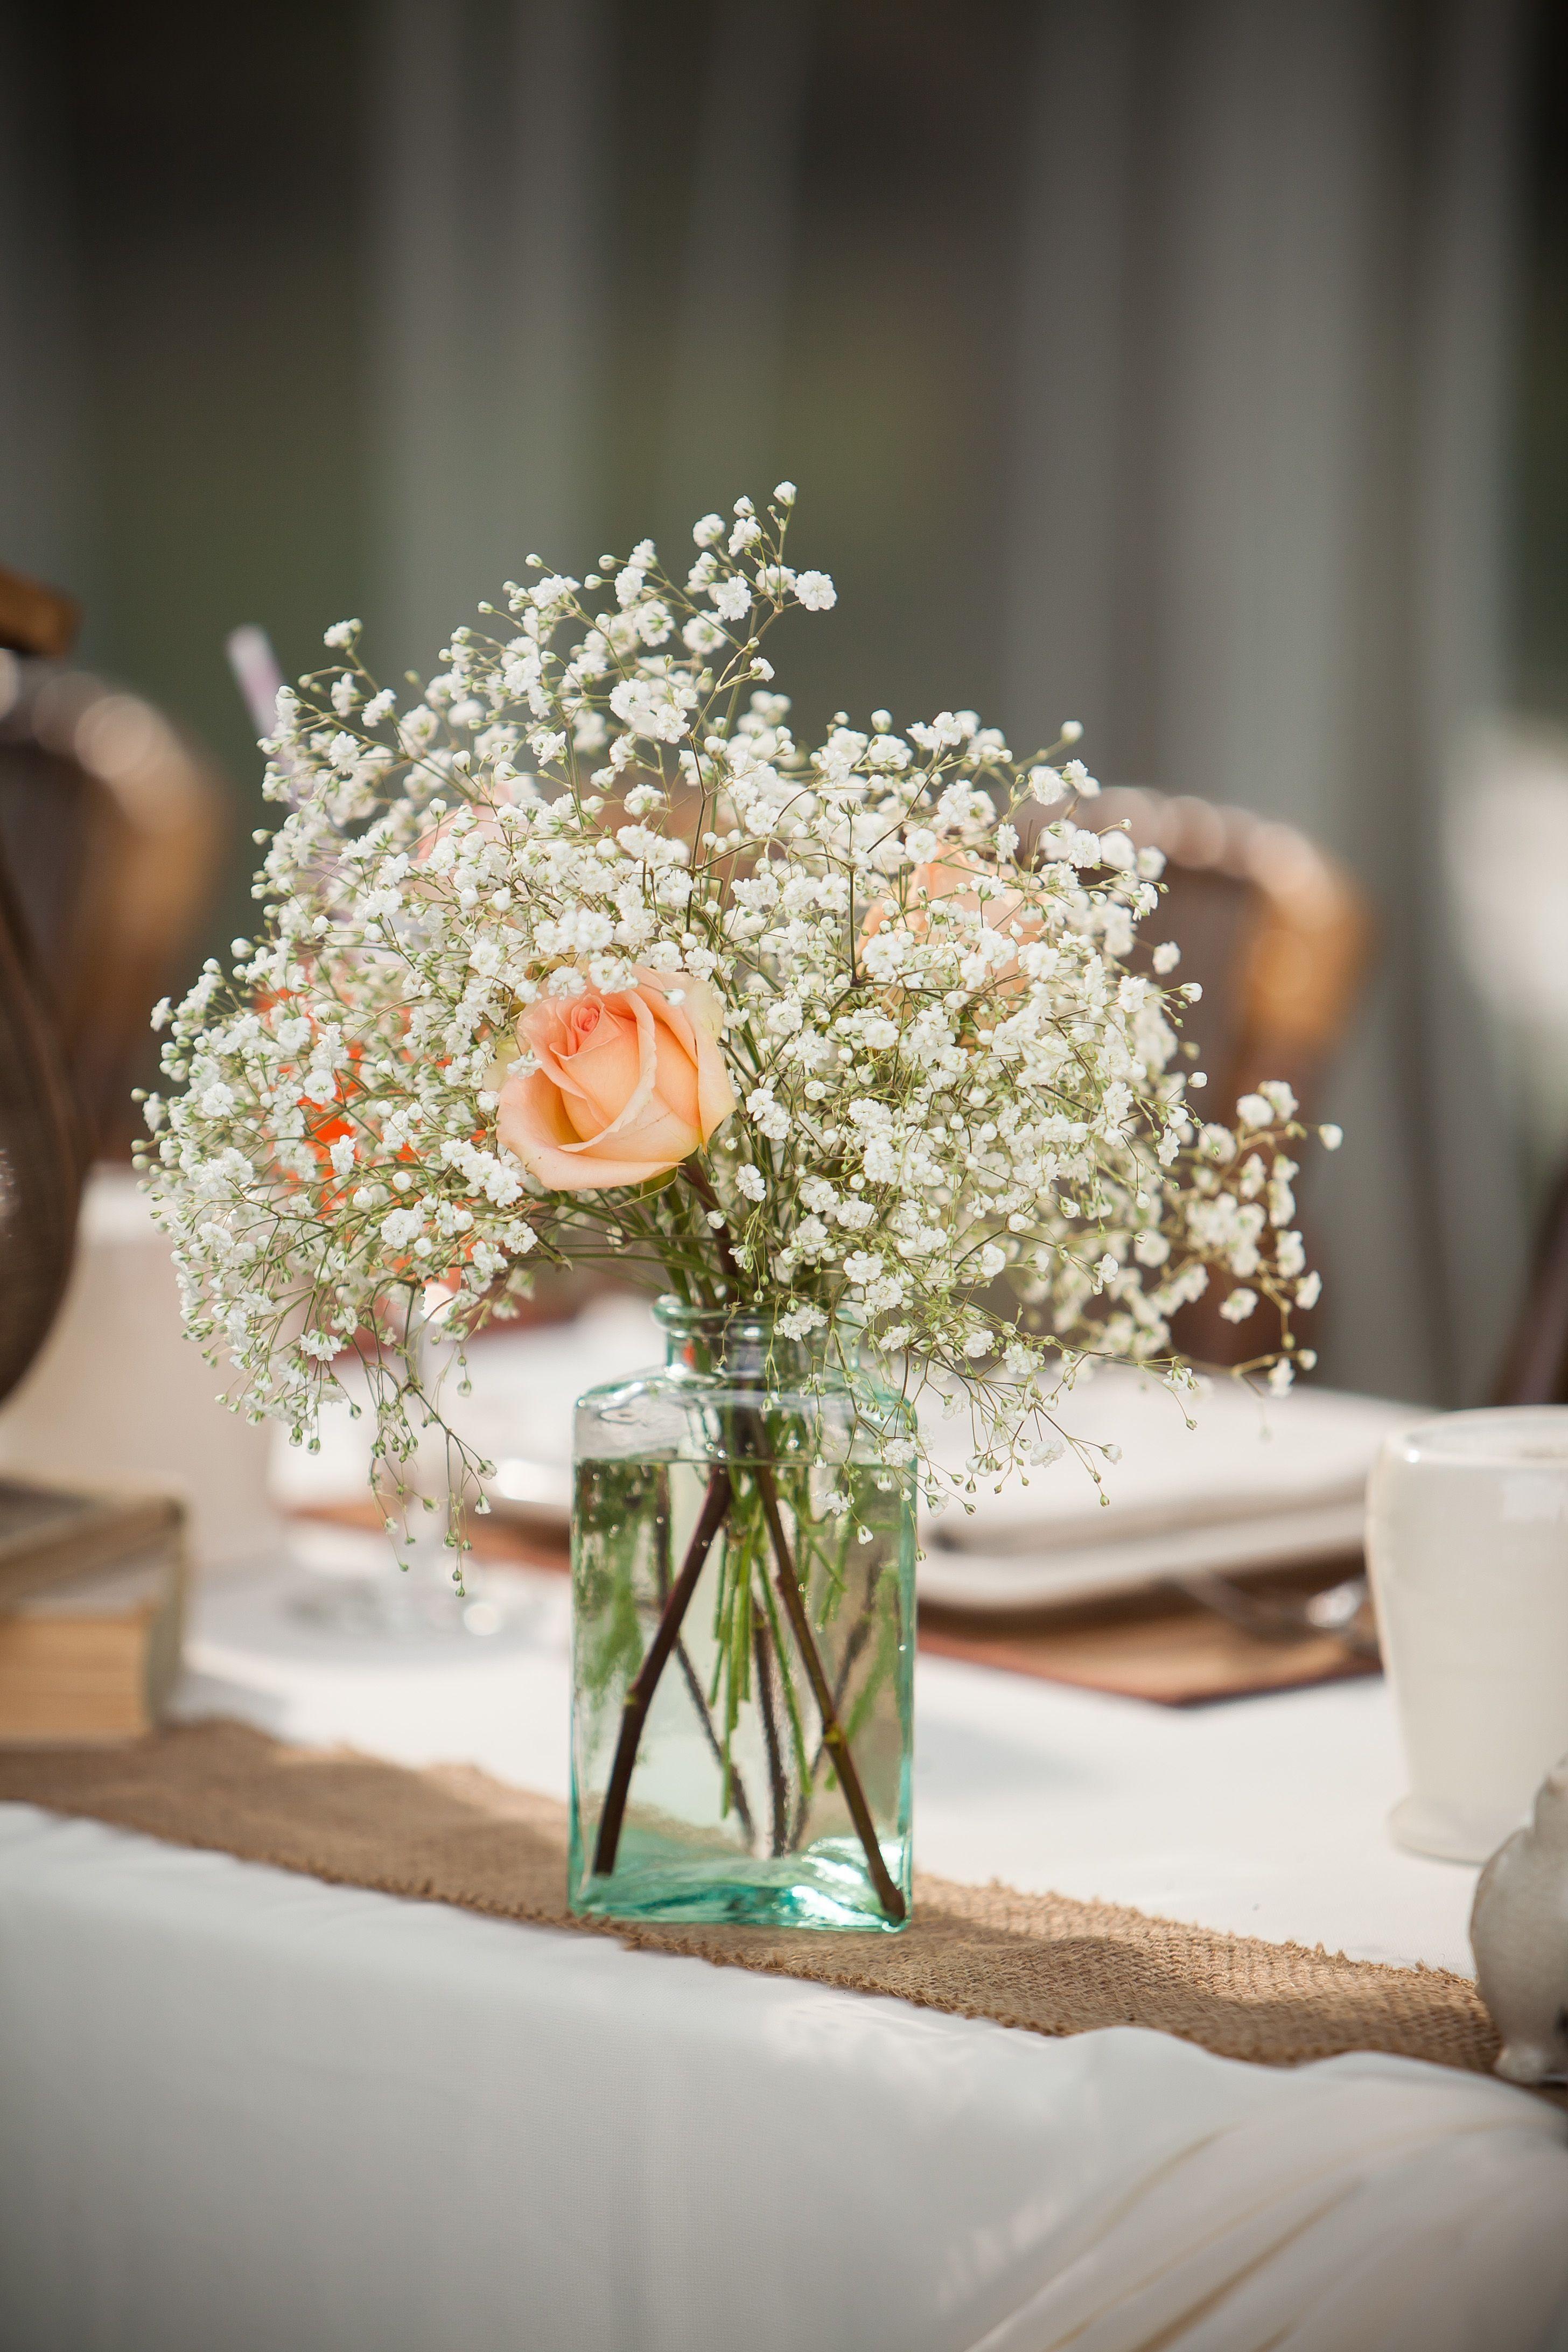 Peach Rose And Baby S Breath Centerpiece Wedding Reception Flower Arrangements Flower Centerpieces Wedding Table Flower Arrangements